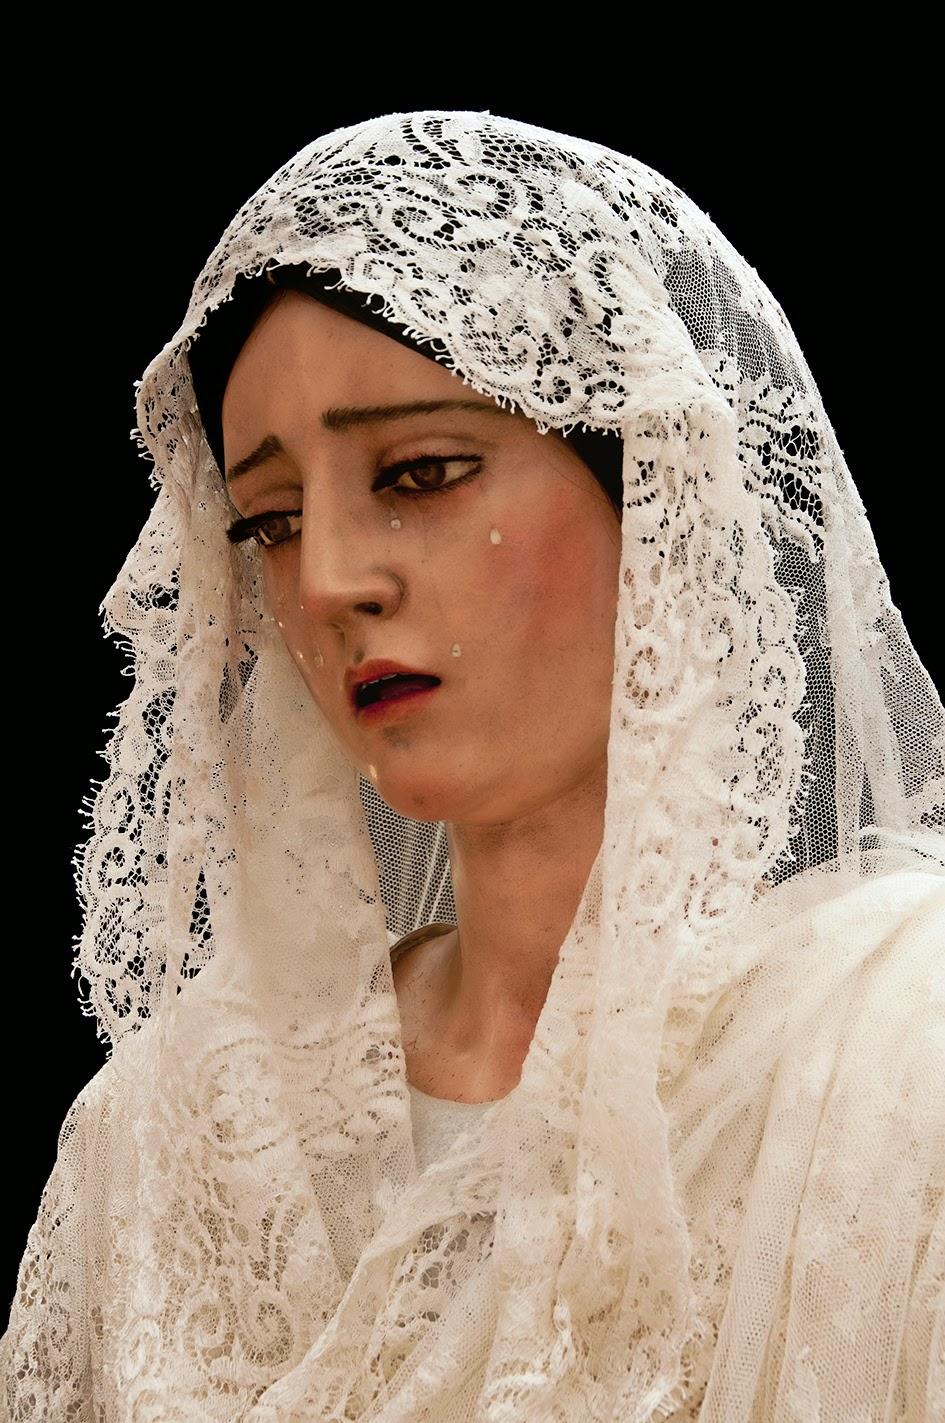 La Misa por el XXV Aniversario de Ntra. Sra. de la Salud se celebrará en la Parroquia de Santa Victoria - virgen-salud-foto-02-valentin-moyano%252B(1)